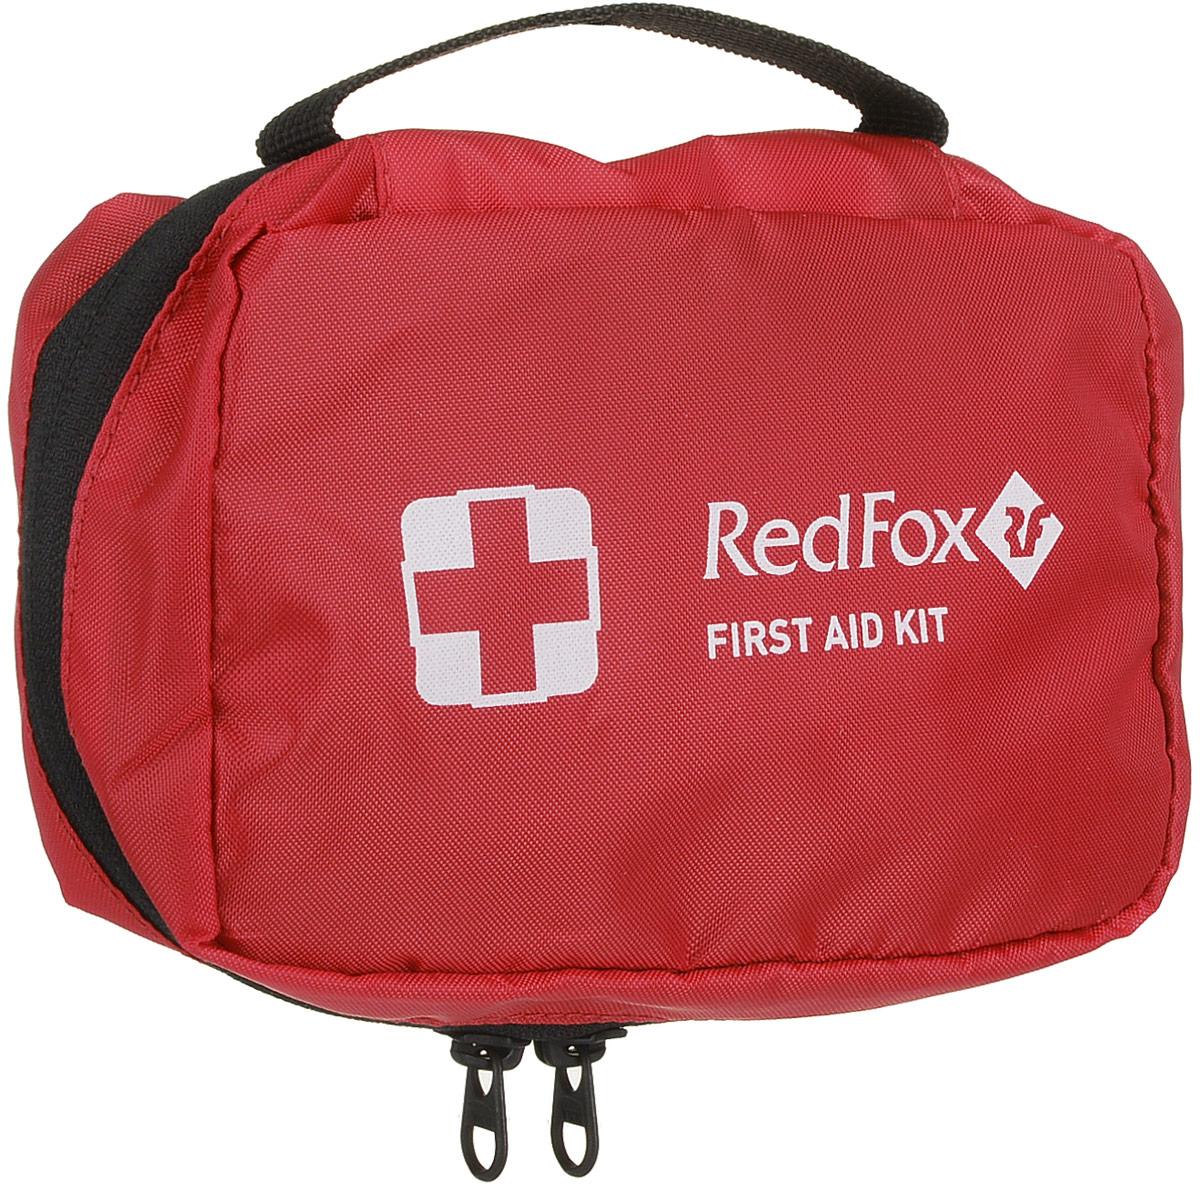 Аптечка Red Fox Rescue Kit, цвет: красный, 11 х 16 см81-527-1300Очень удобная аптечка Red Fox Rescue Kit среднего размера с круговой молнией и быстрым доступом к содержимому, идеально подойдет для путешествий и туризма. Изготовлена из прочного нейлона 210 с верхней тканью из 100% непромокаемого полиэстера.Внутри расположены два кармана, один из них сетчатый на застежке-молнии.Аптечка оснащена удобной ручкой для переноски. Размеры: 11 x 16 см.